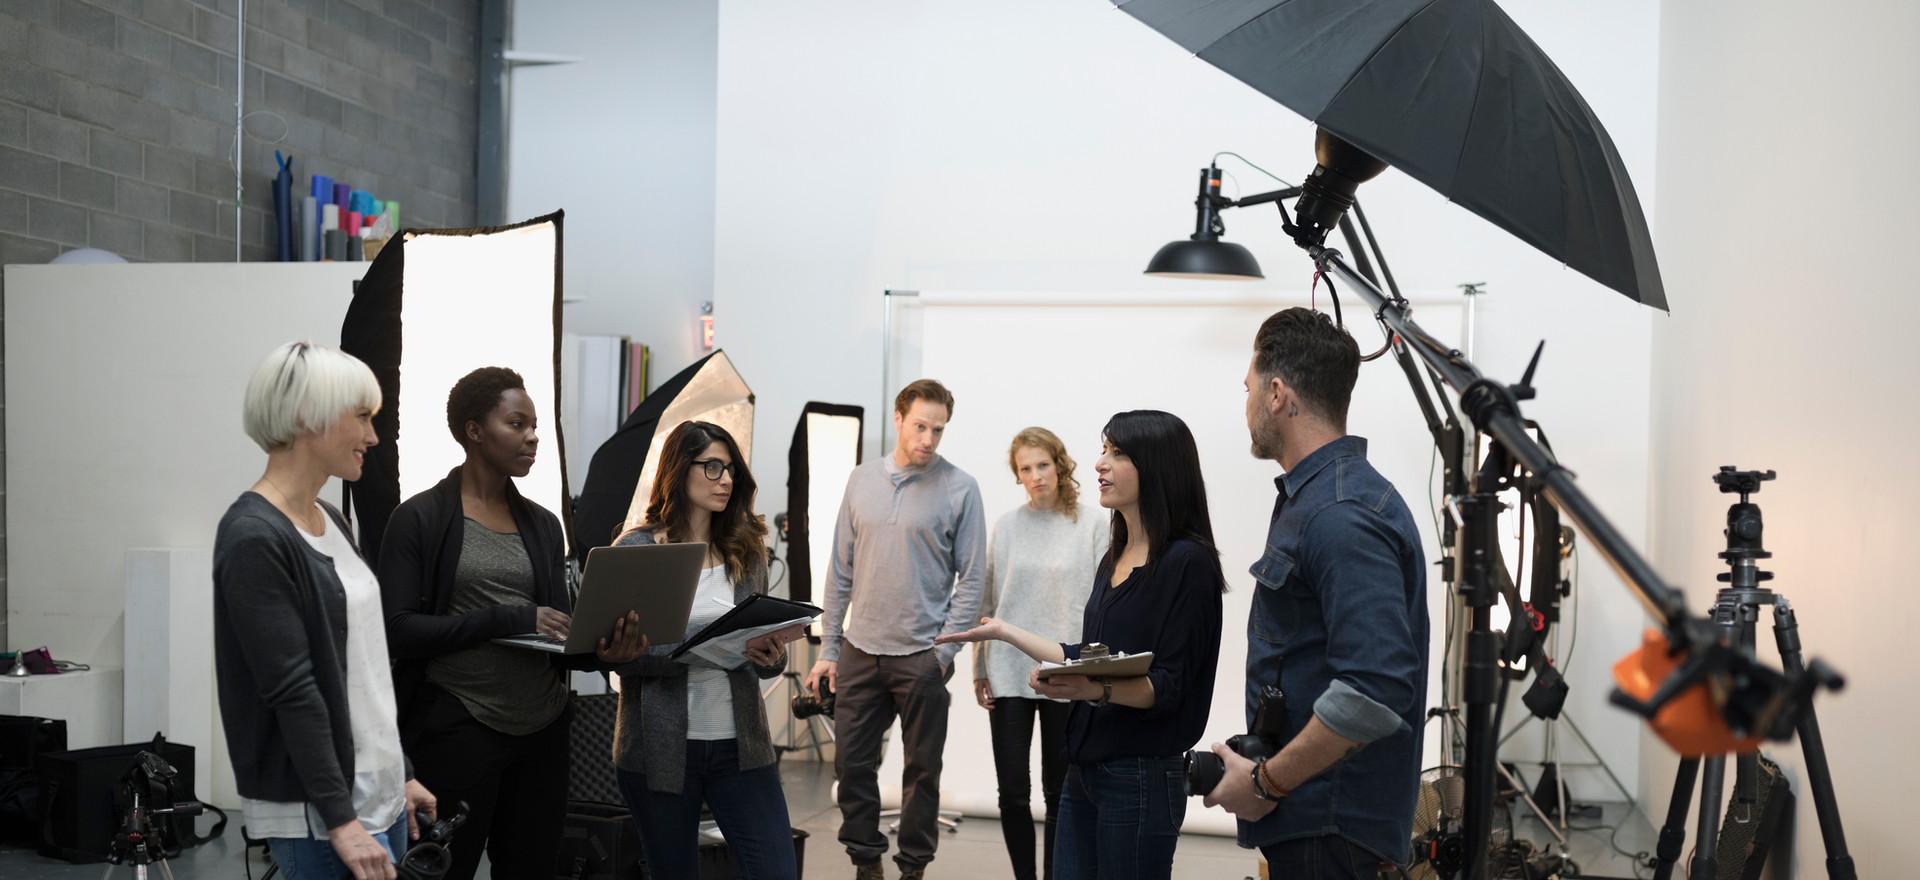 Réunion d'équipe de tournage